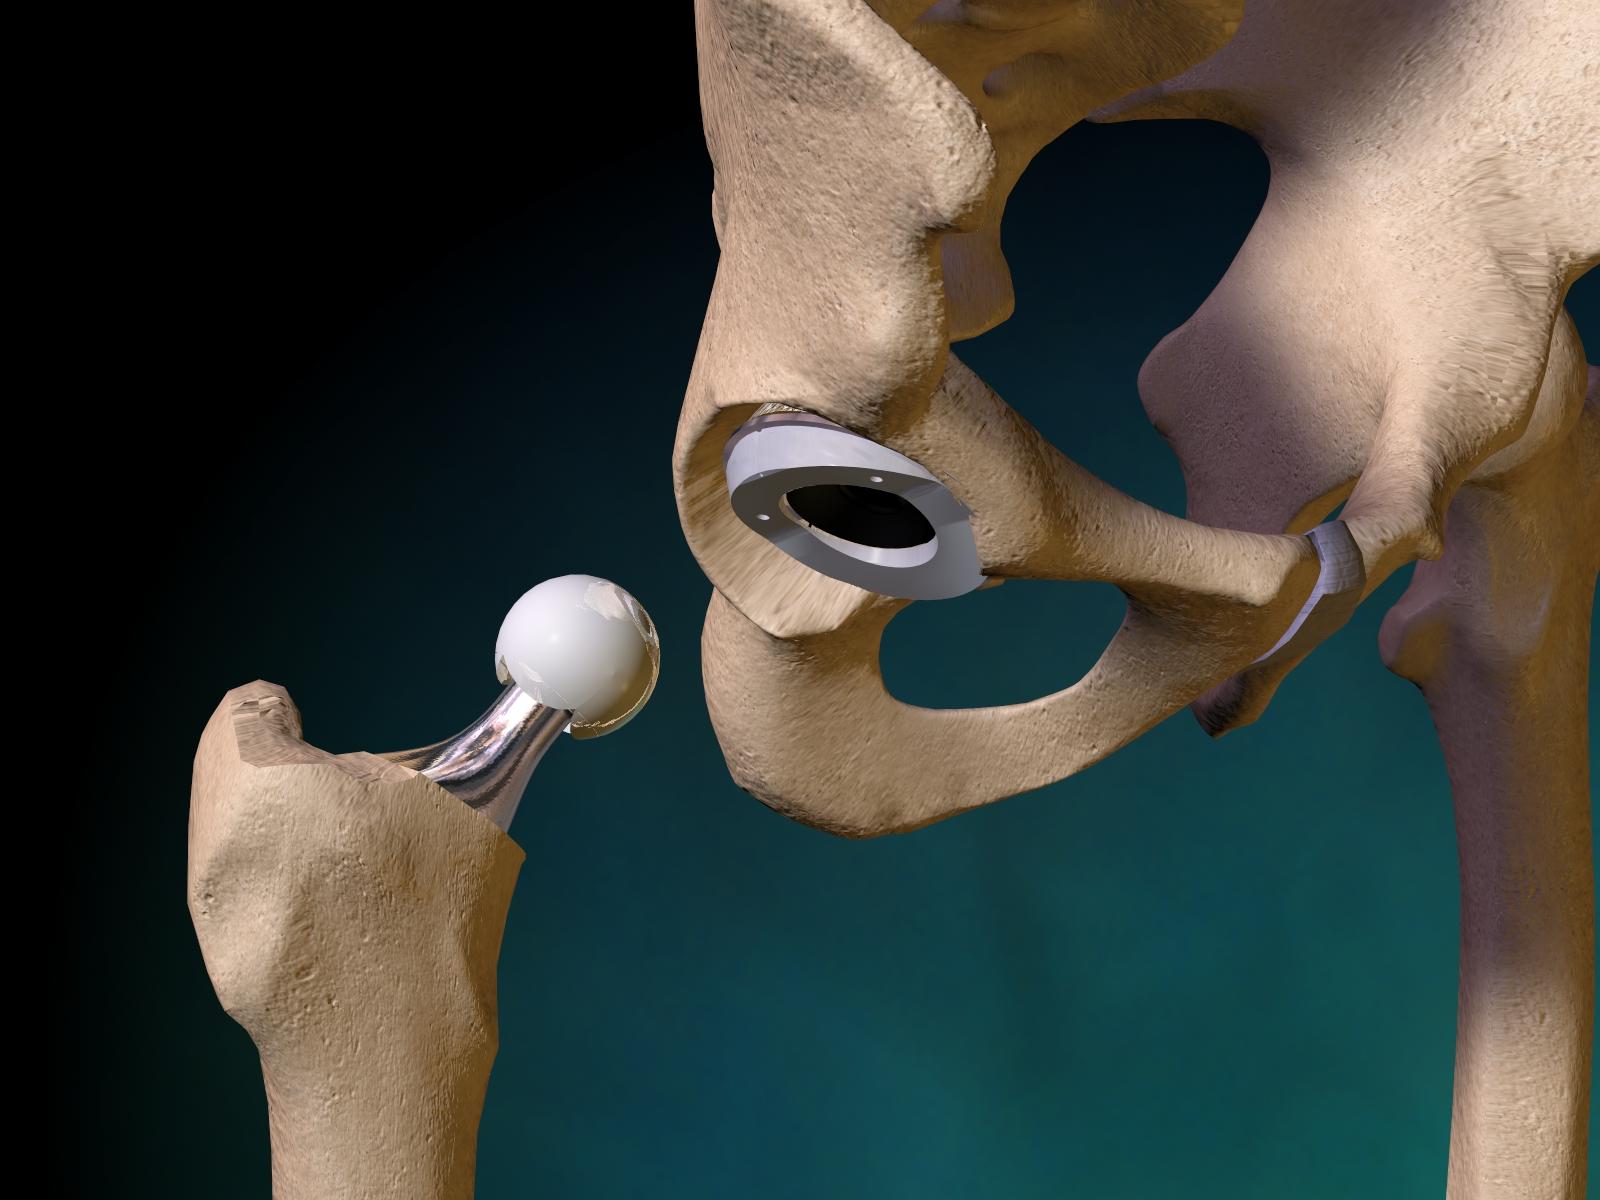 Сколько длится операция по замене тазобедренного сустава — Суставы